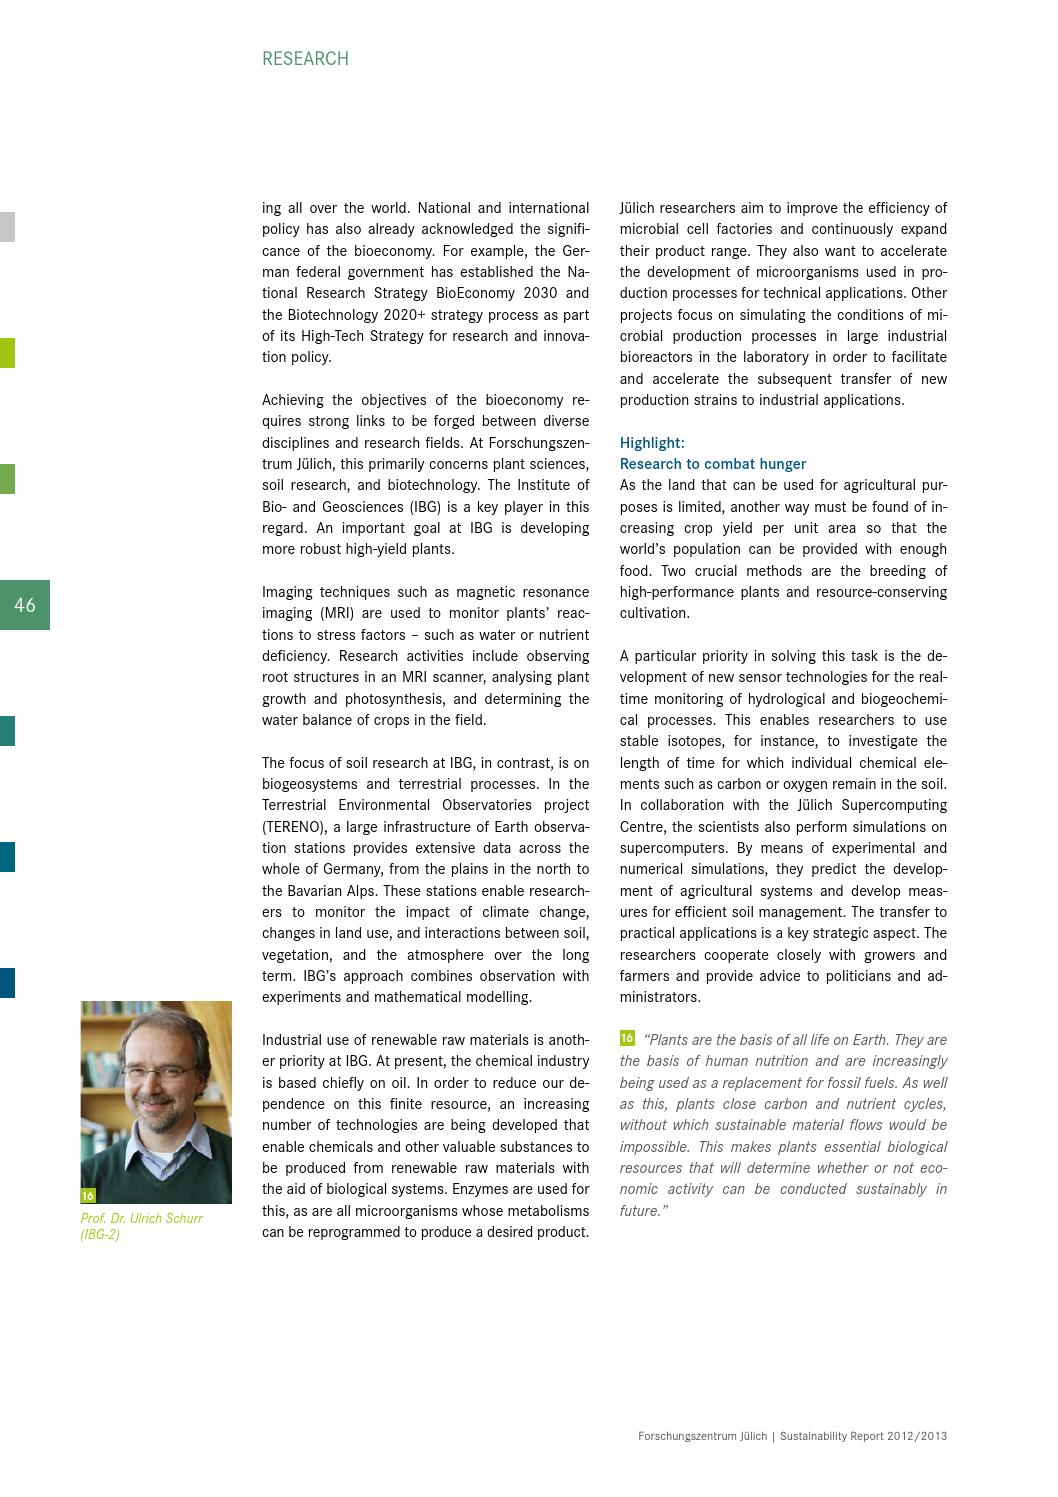 Sustainability Report 2012/2013 by Forschungszentrum Jülich - issuu